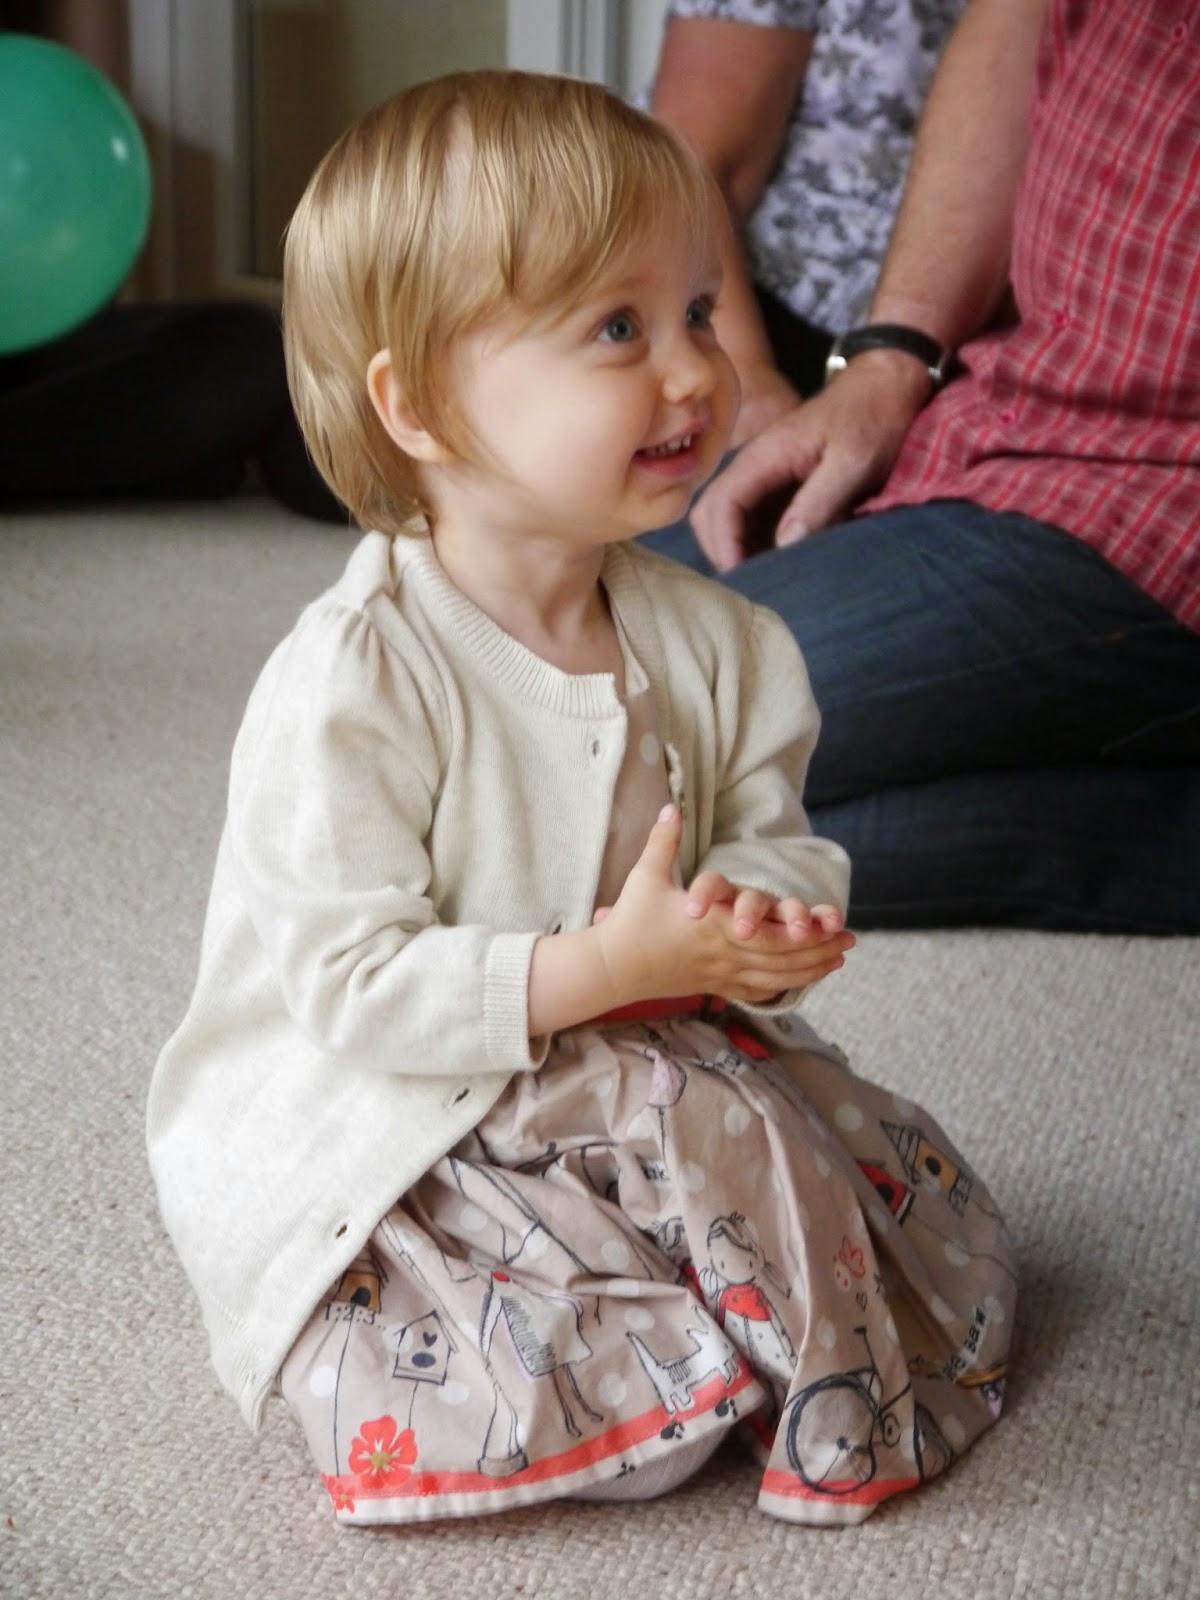 Handbags To Change Bags June 2014 XXX